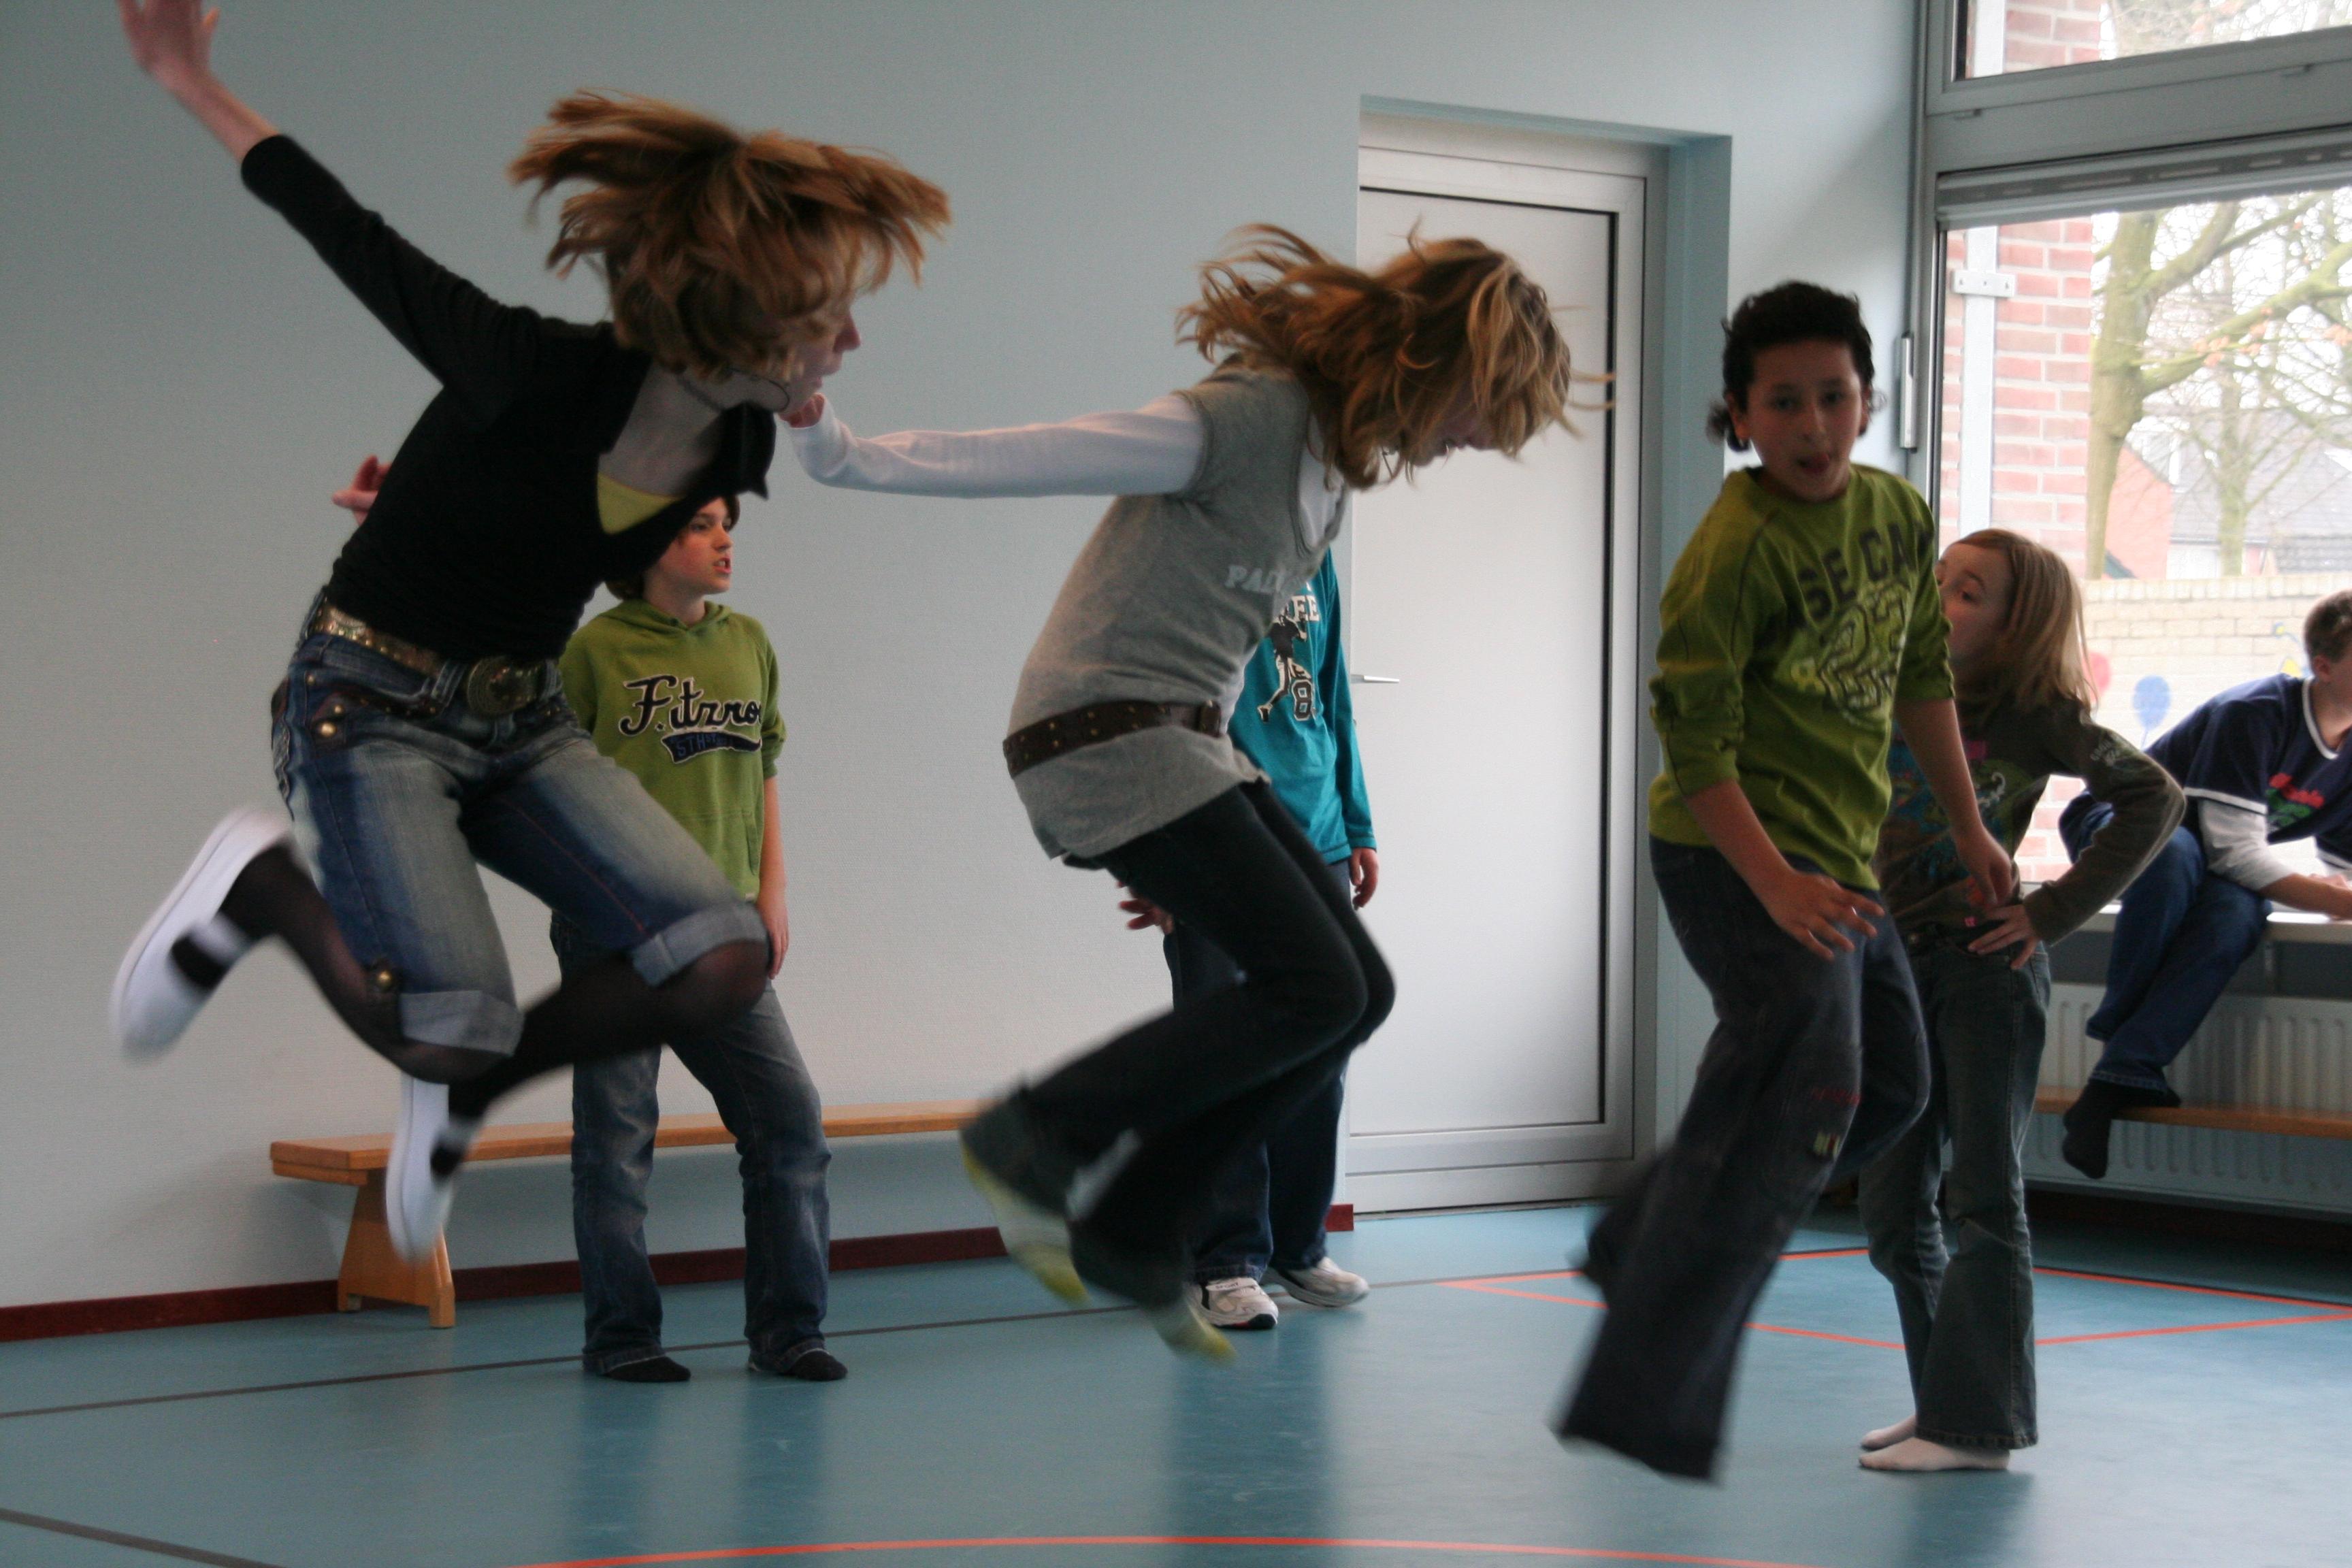 eigen choreografie in groepjes 1